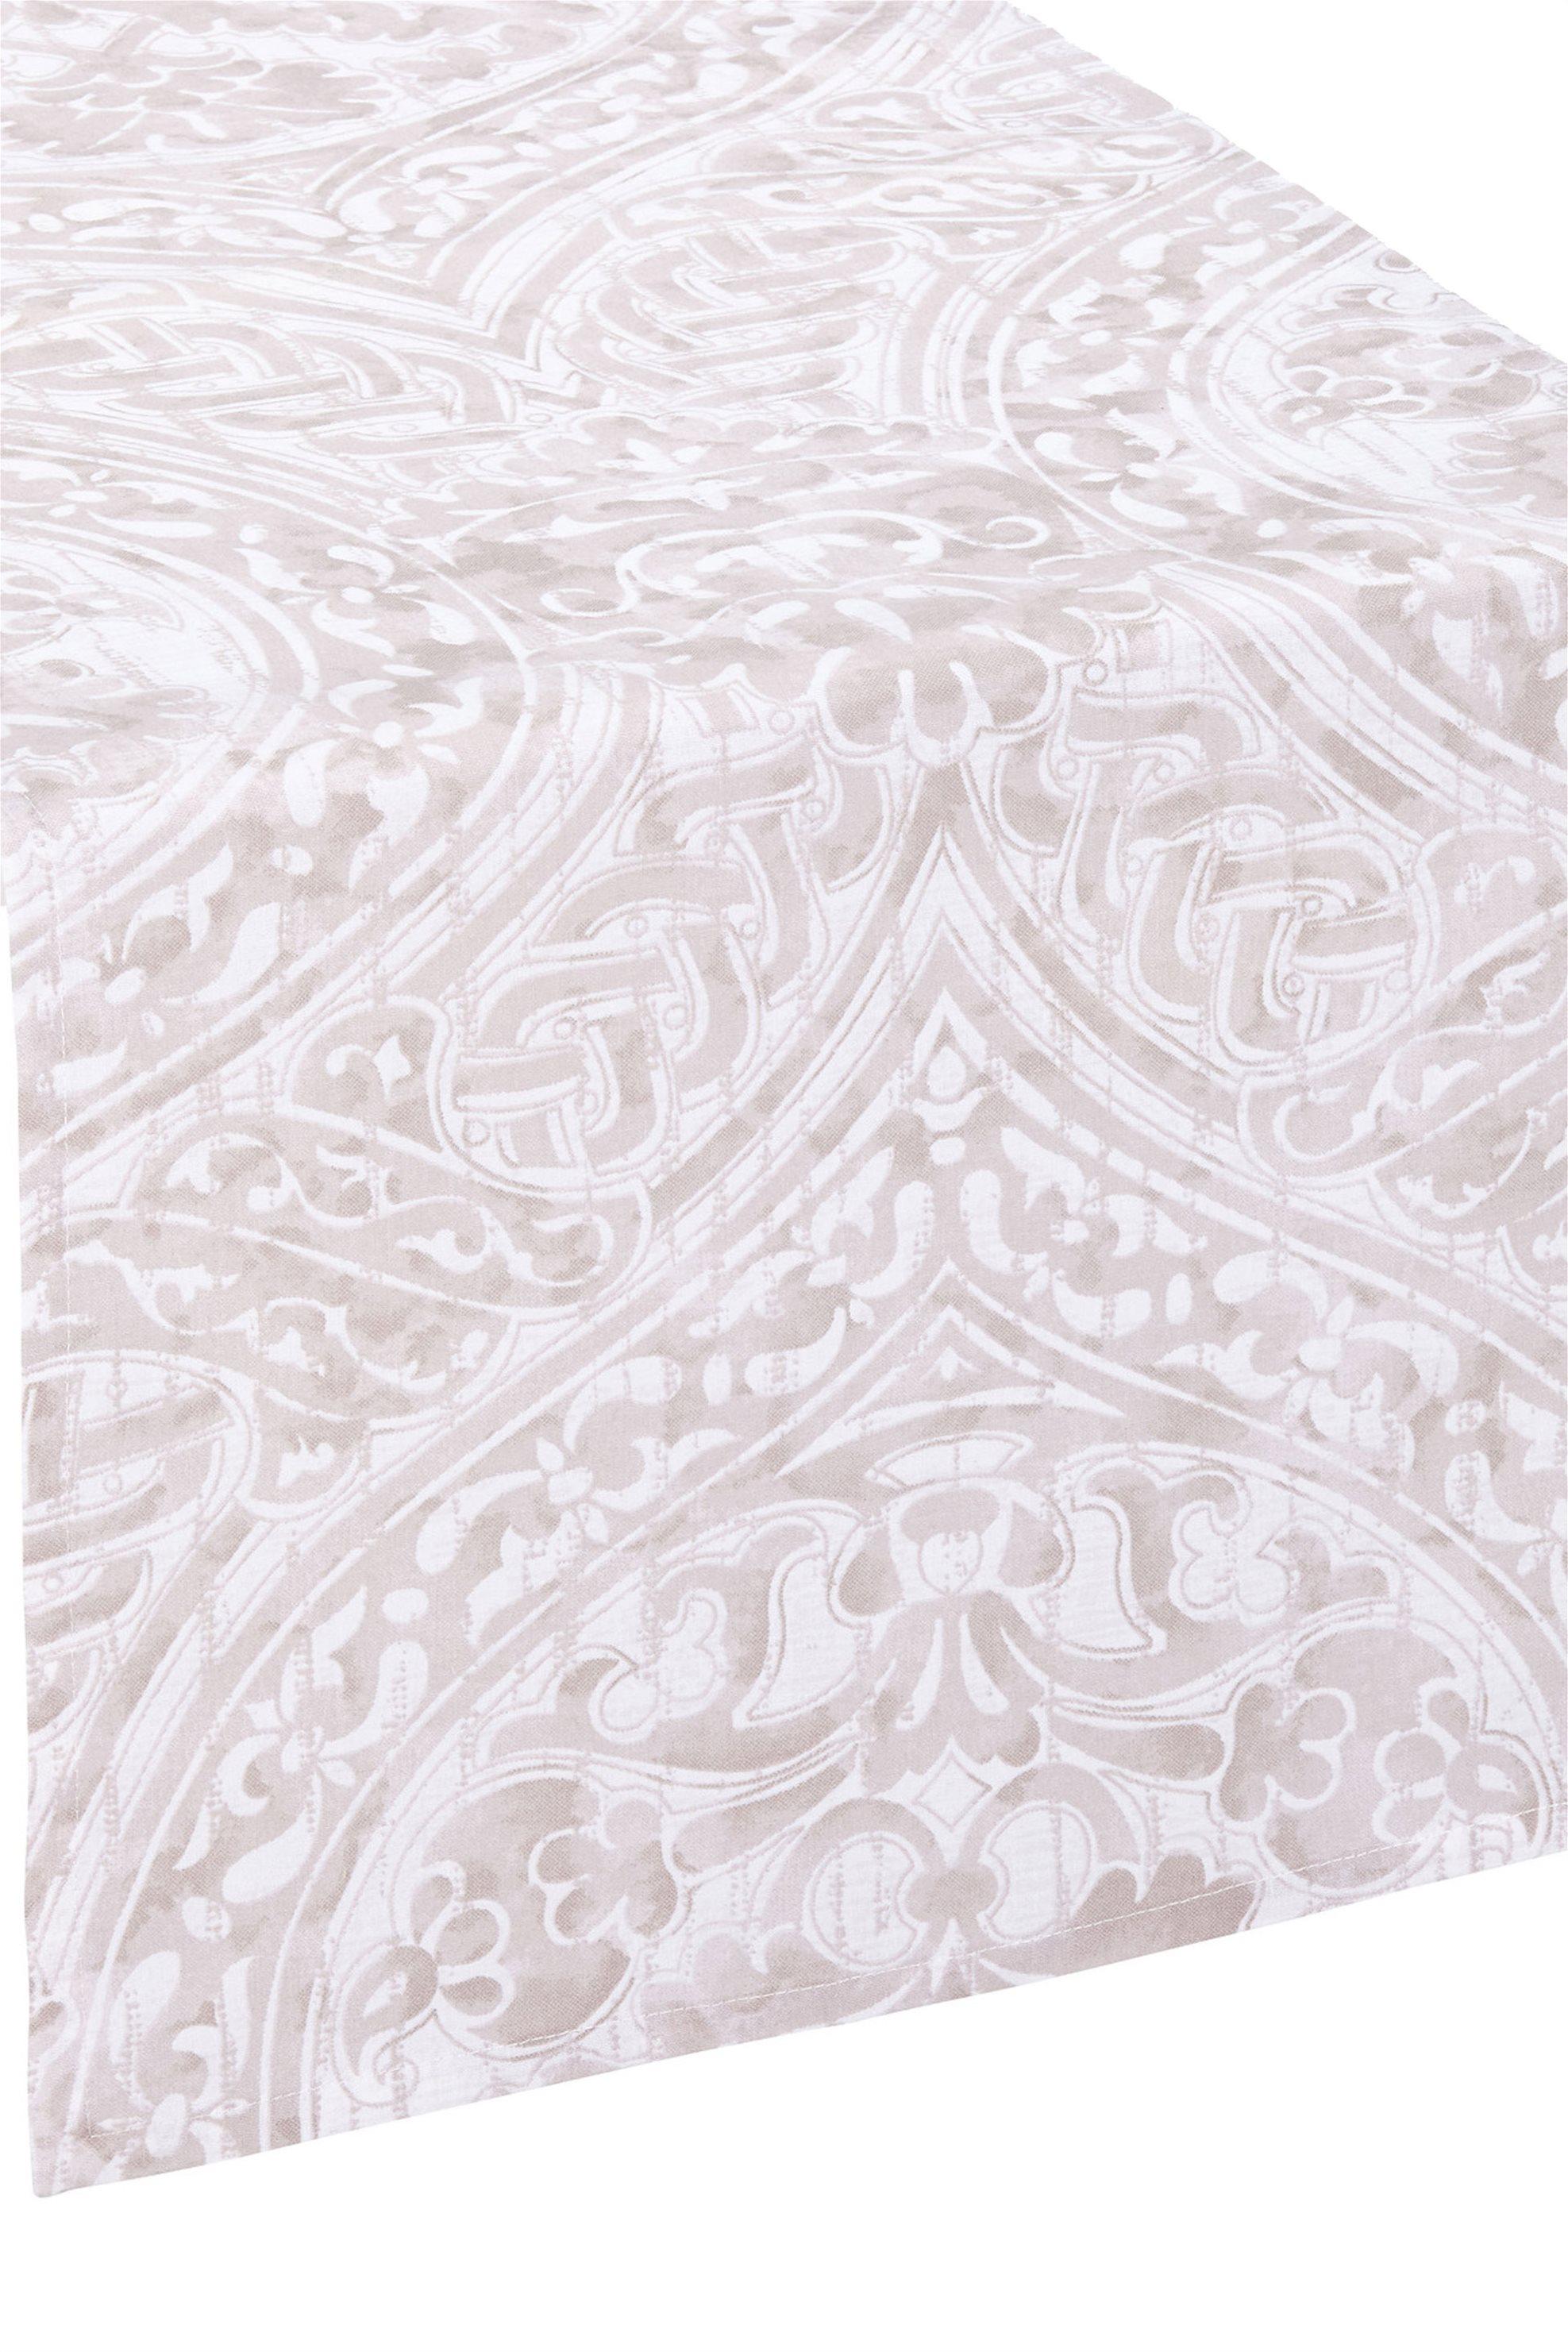 Ράνερ damask print 120 x 40 cm Coincasa - 000496084 - Μπεζ